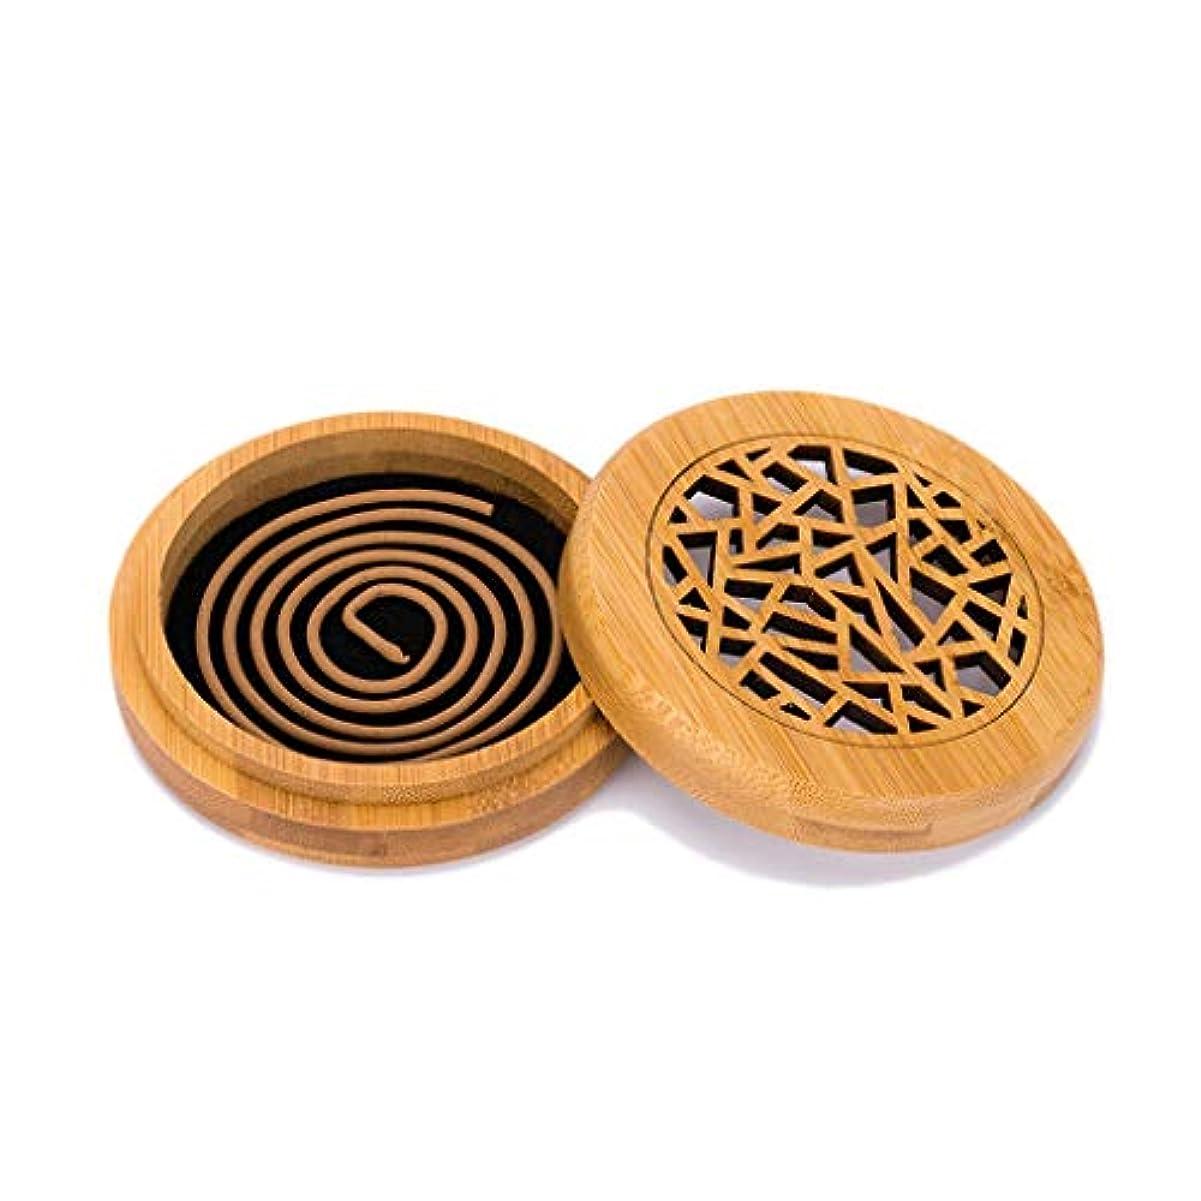 歪める拍手する胸竹の香バーナーコイルの香バーナー部屋の装飾瞑想竹の香り天然素材香ホルダー (Color : WOOD, サイズ : Round)